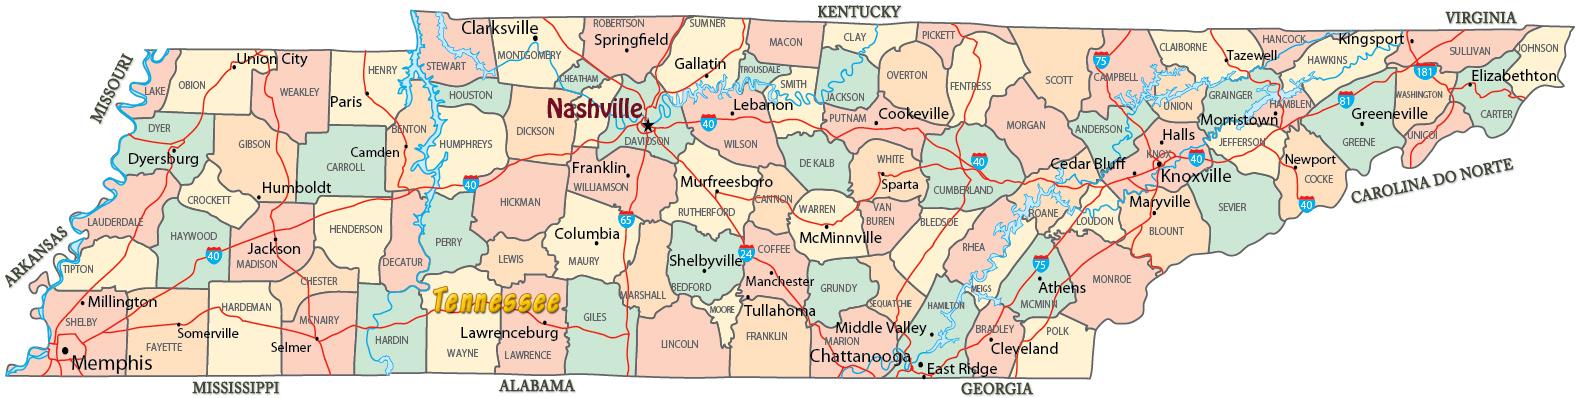 Mapa Político de Tennessee